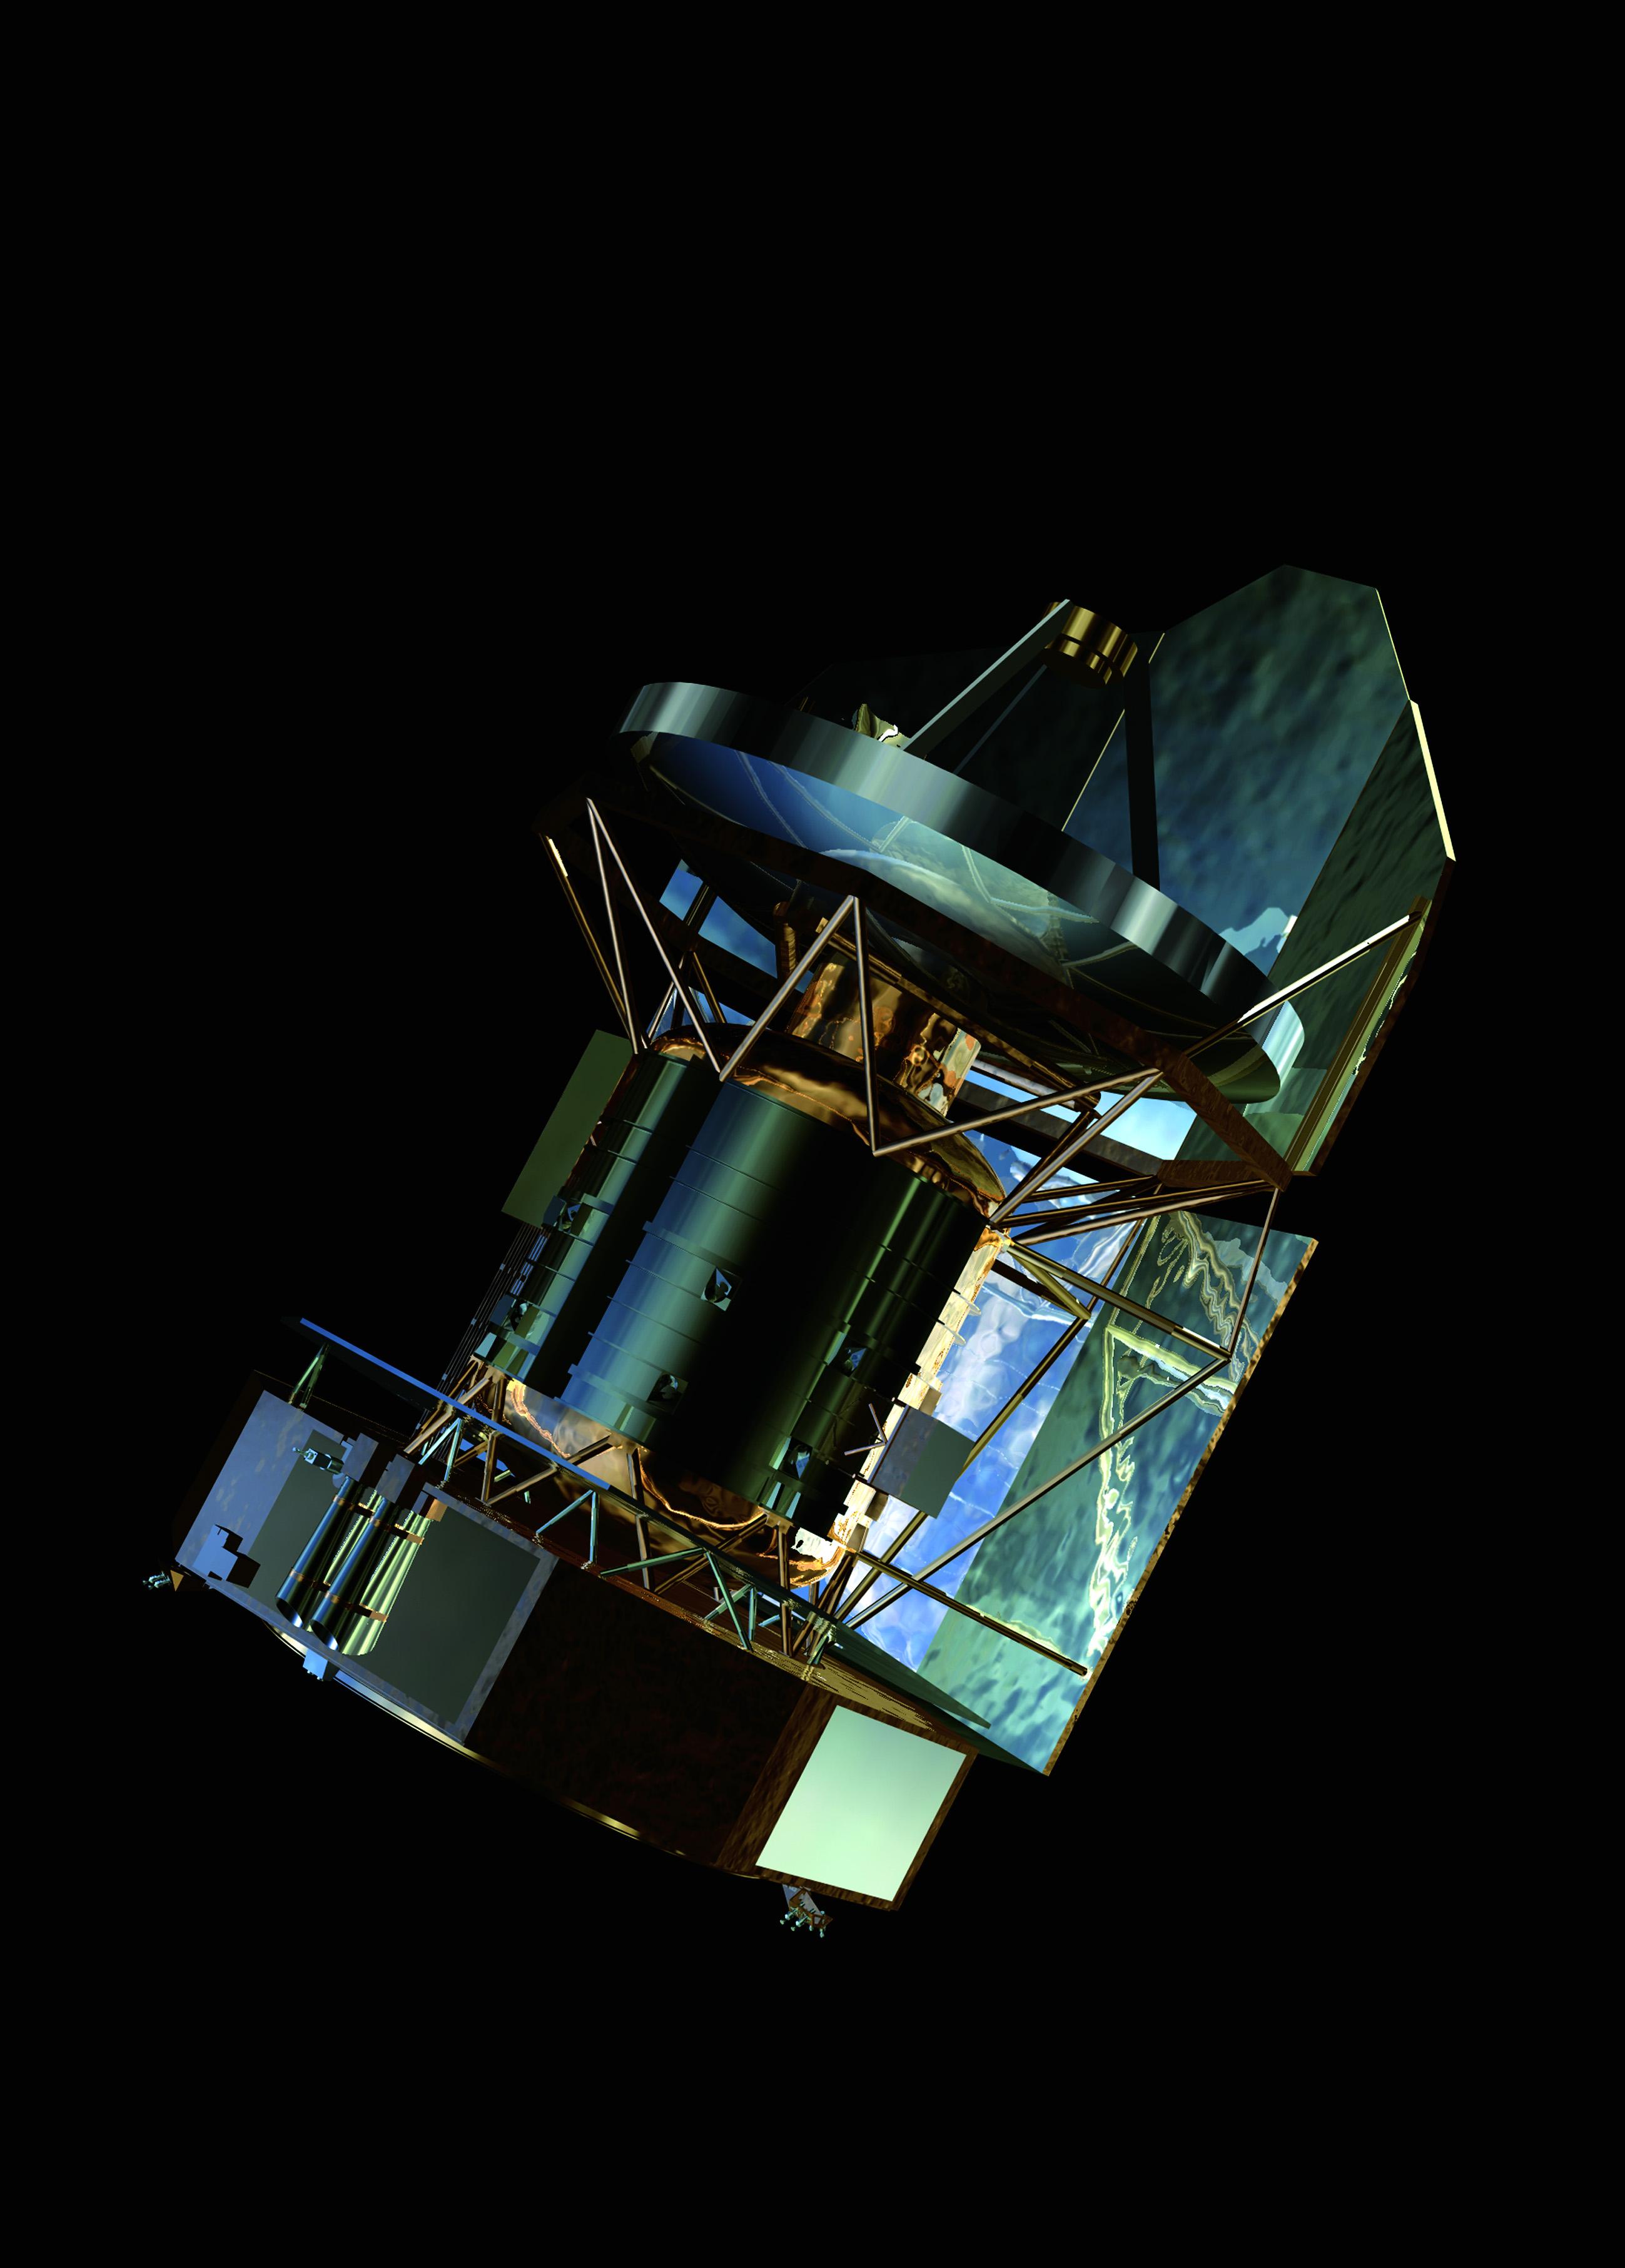 nowy autentyczny najtańszy rozmiar 40 ESA - Herschel's telescope will collect infrared radiation ...